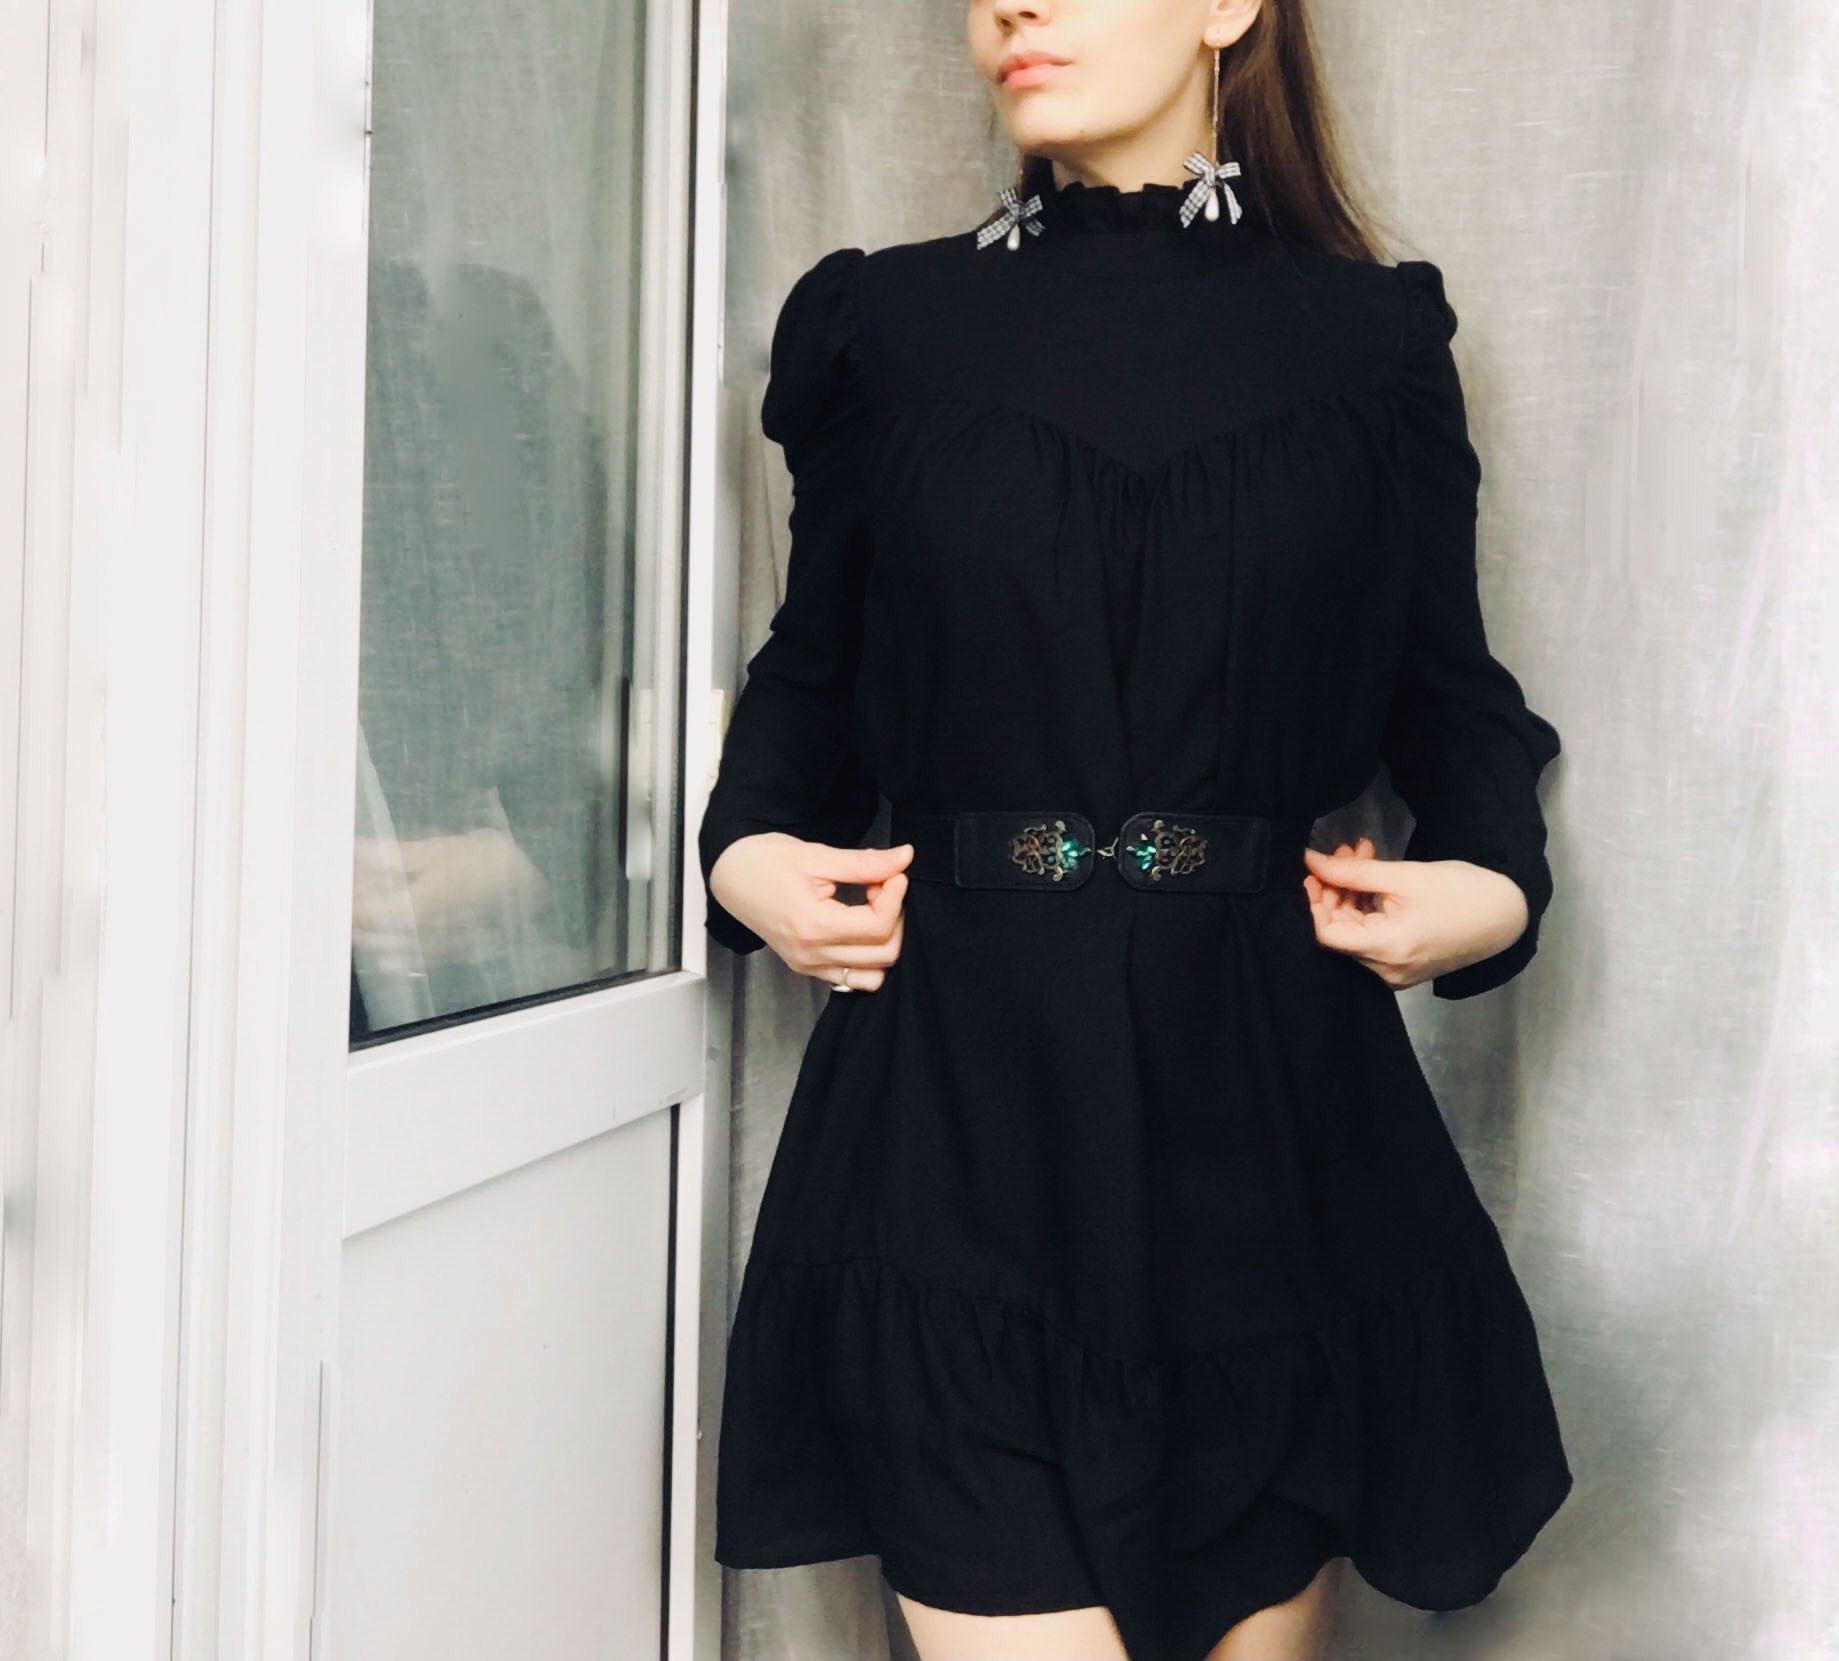 Hot 2019 autumn new fashion women's temperament commuter puff sleeve small high collar natural A word knee Chiffon dress reviews №7 510447